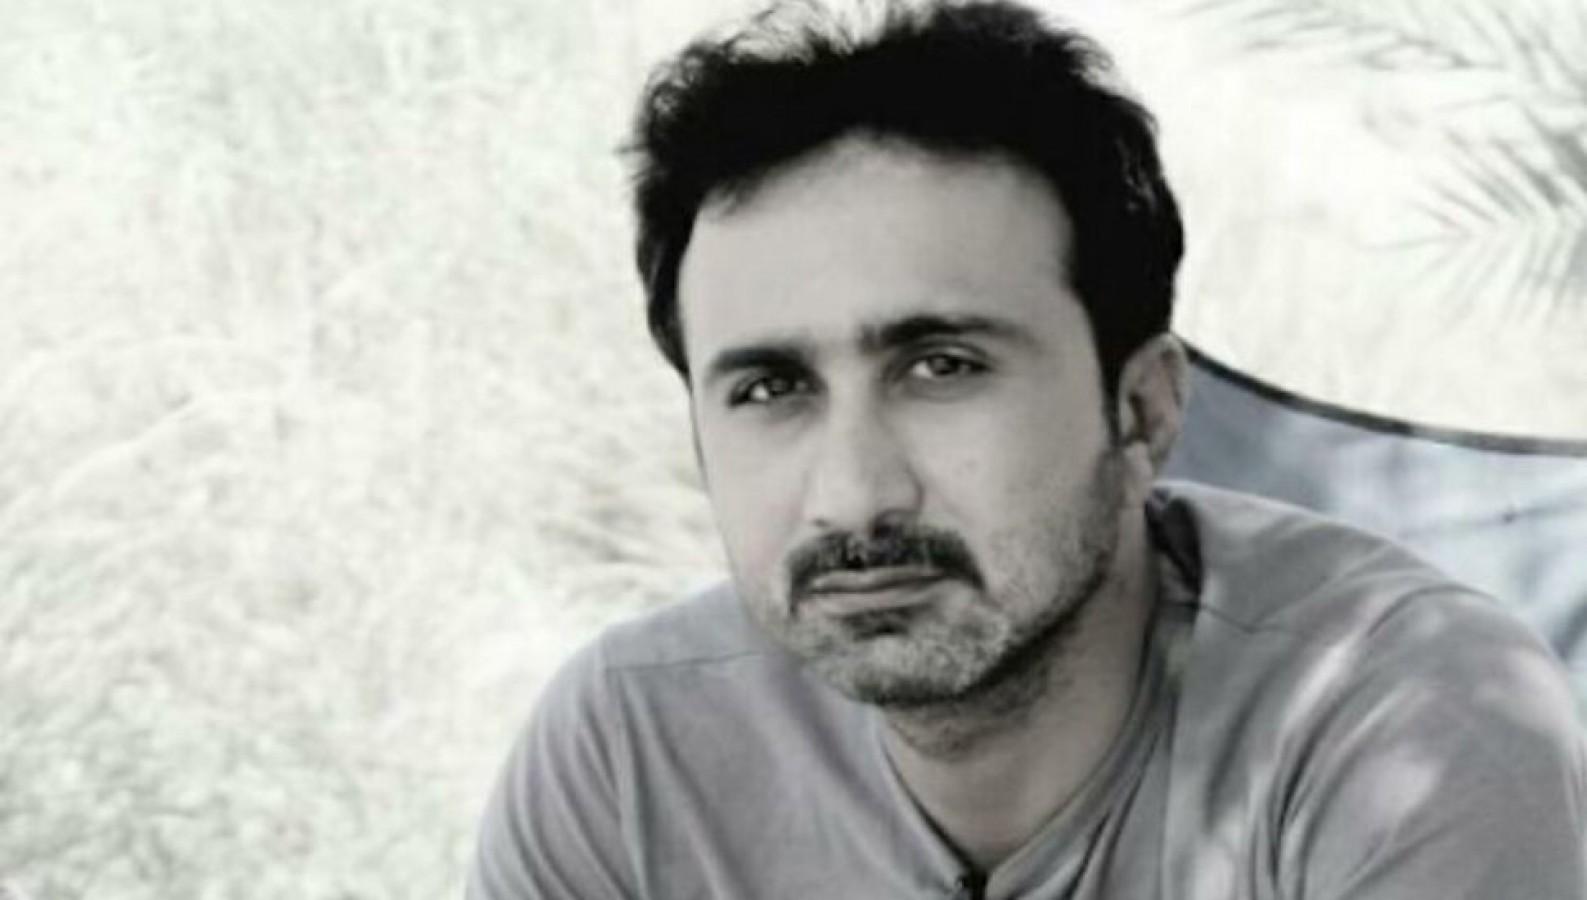 baloch journalist Sajid Hussain